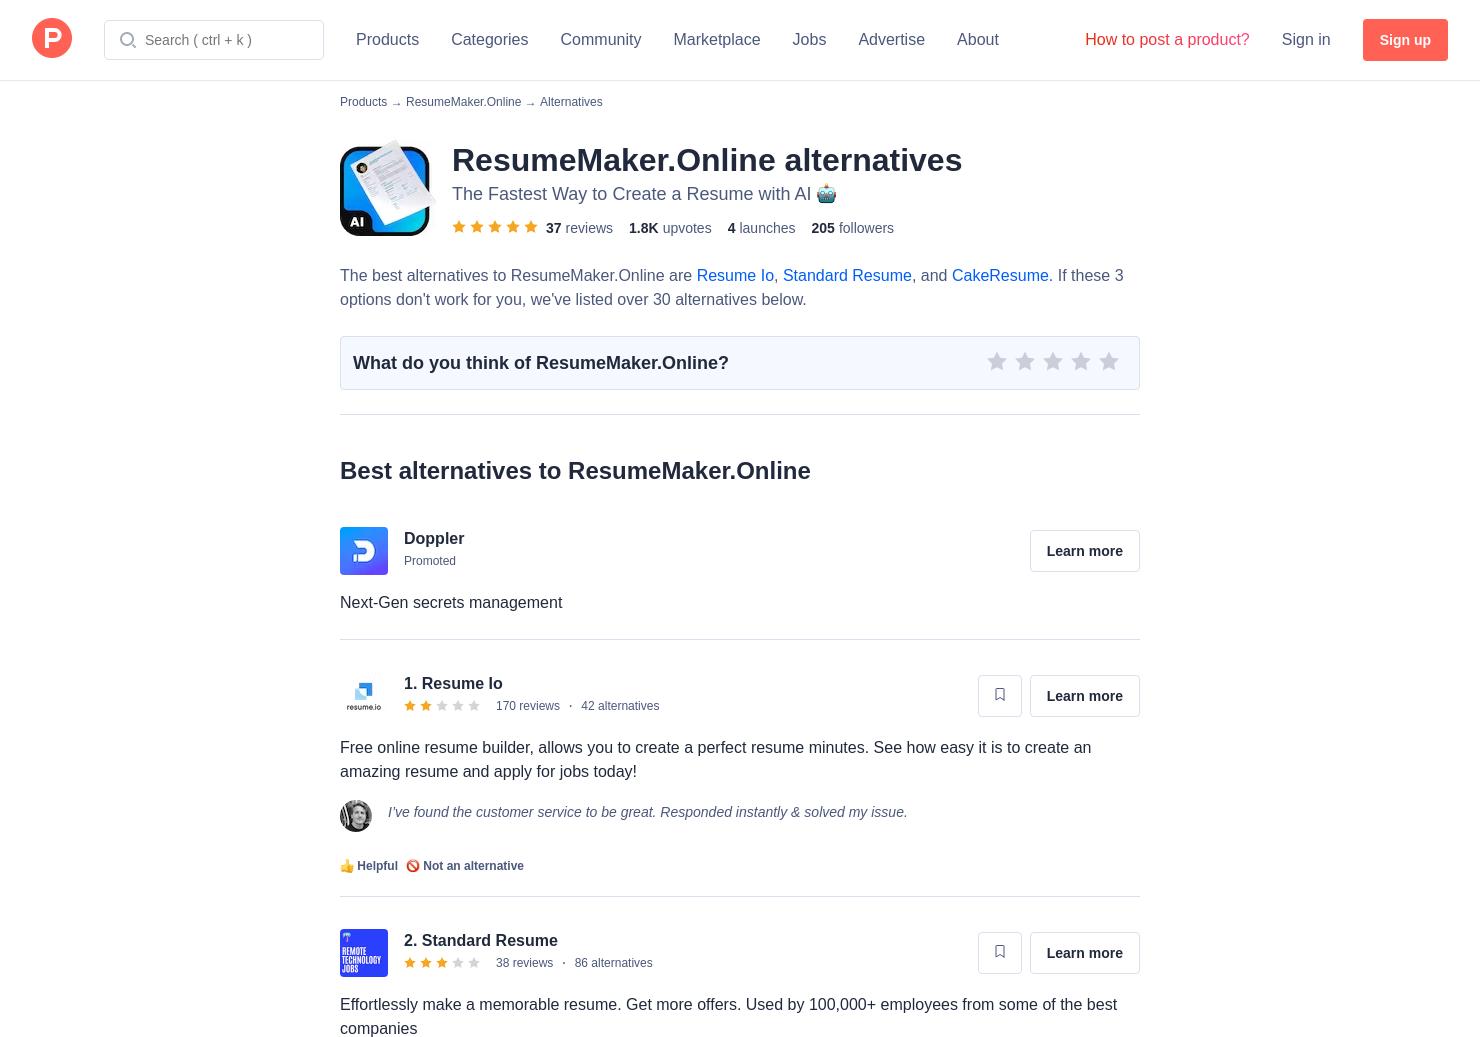 10 Alternatives to ResumeMakerOnline   Product Hunt